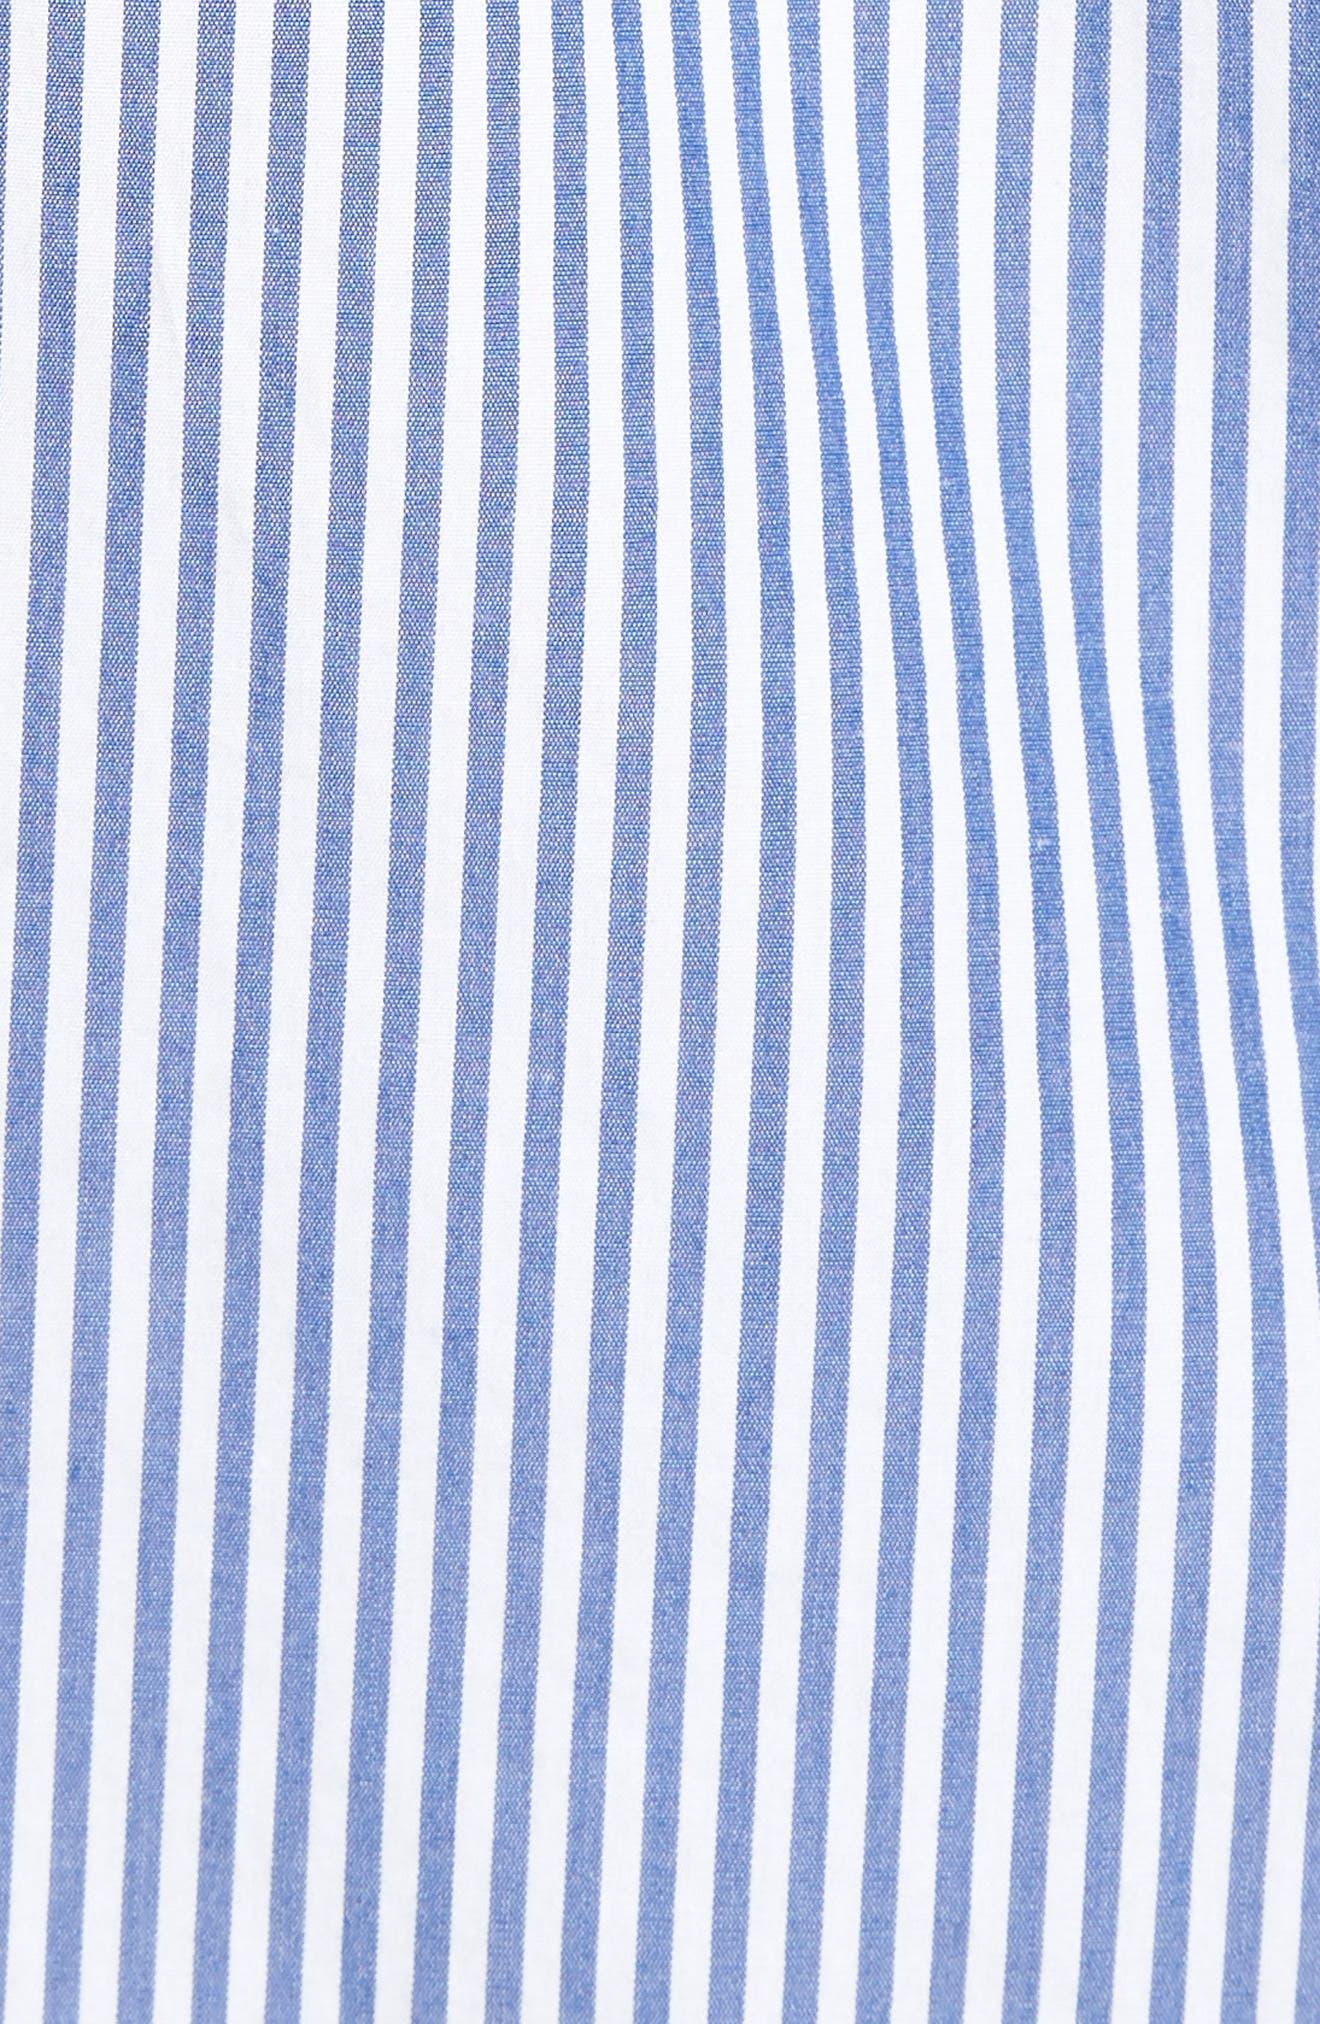 Classic Fit Stretch Secret Wash Stripe Sport Shirt,                             Alternate thumbnail 5, color,                             408